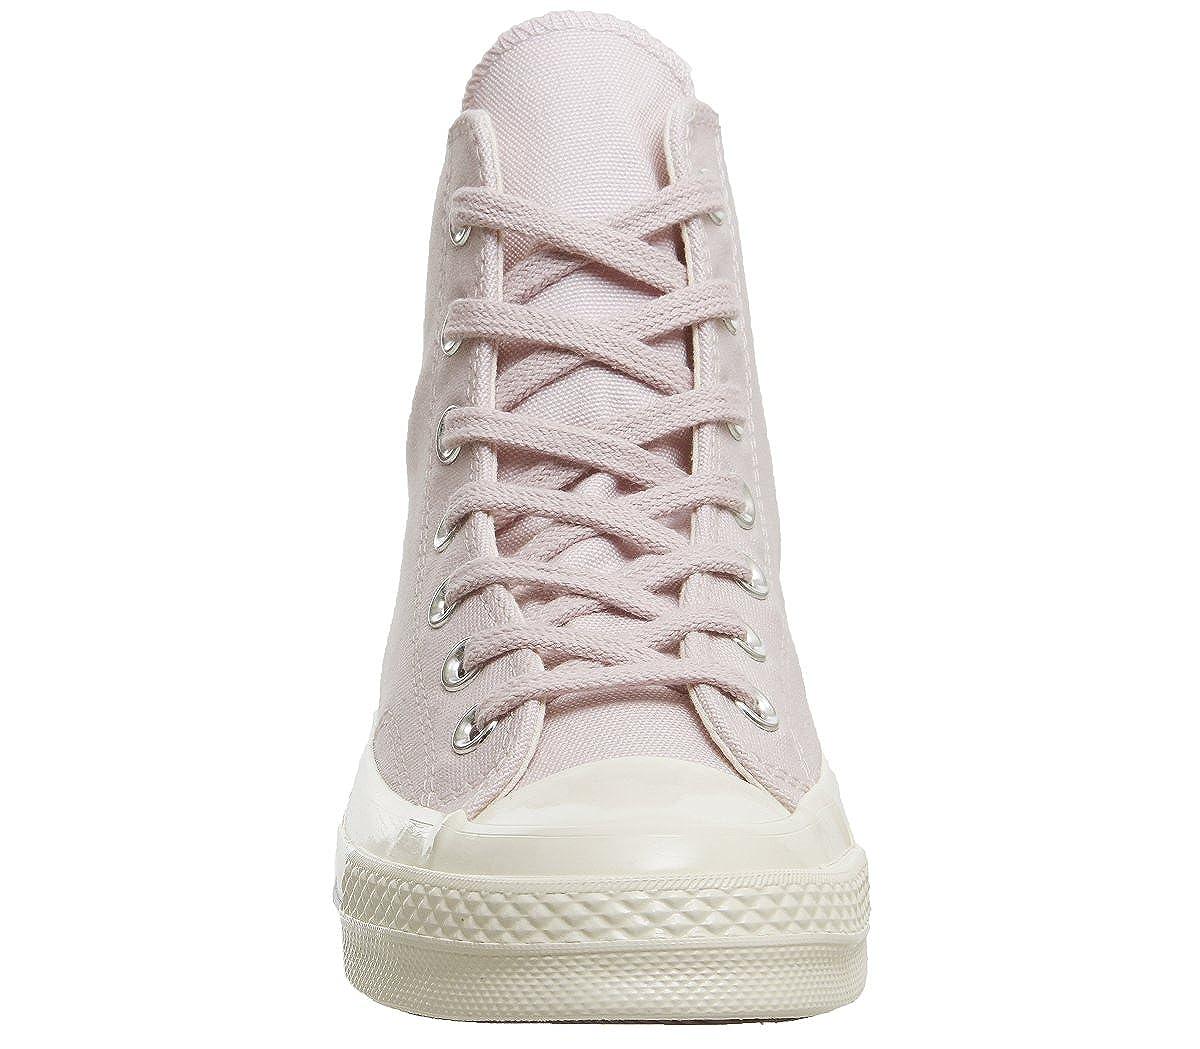 Converse All Star Star All 70 Hi Schuhe Pink f3eb20